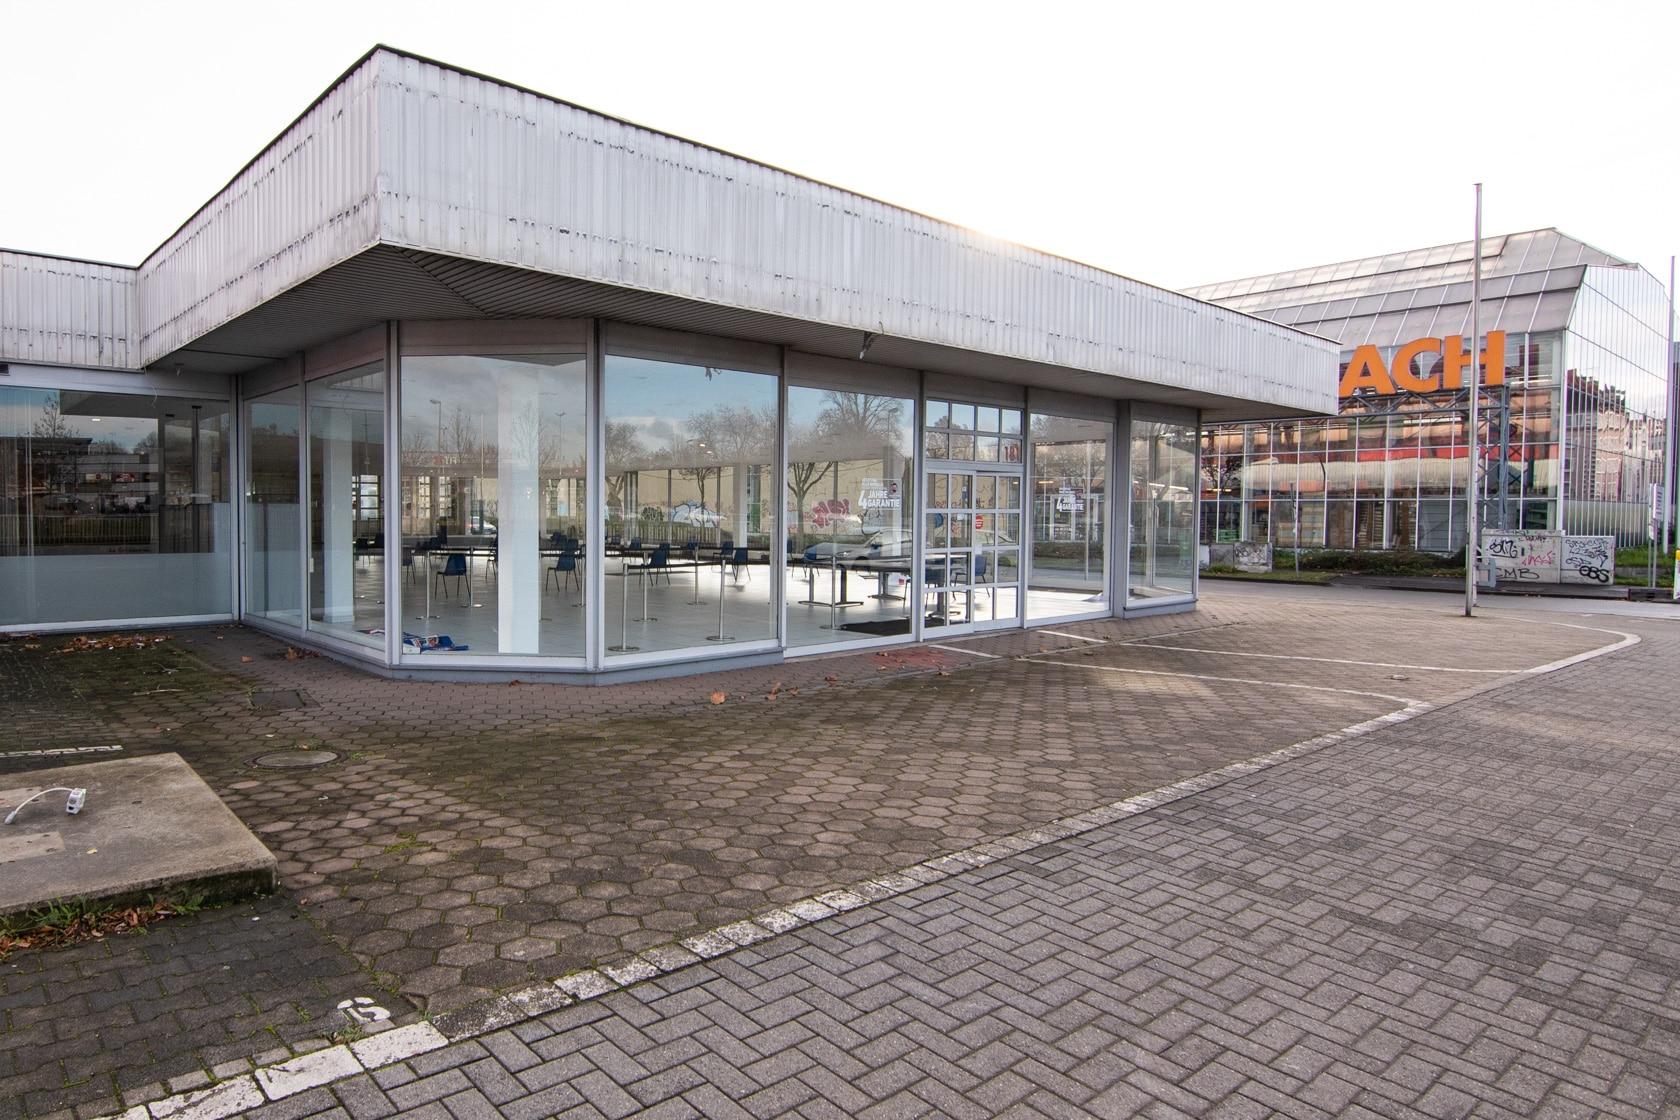 Das neue Testzentrum im ehemaligen Fiat-Autohaus an der Bornstraße. (Fotos: Dortmund-Agentur/Roland Gorecki)